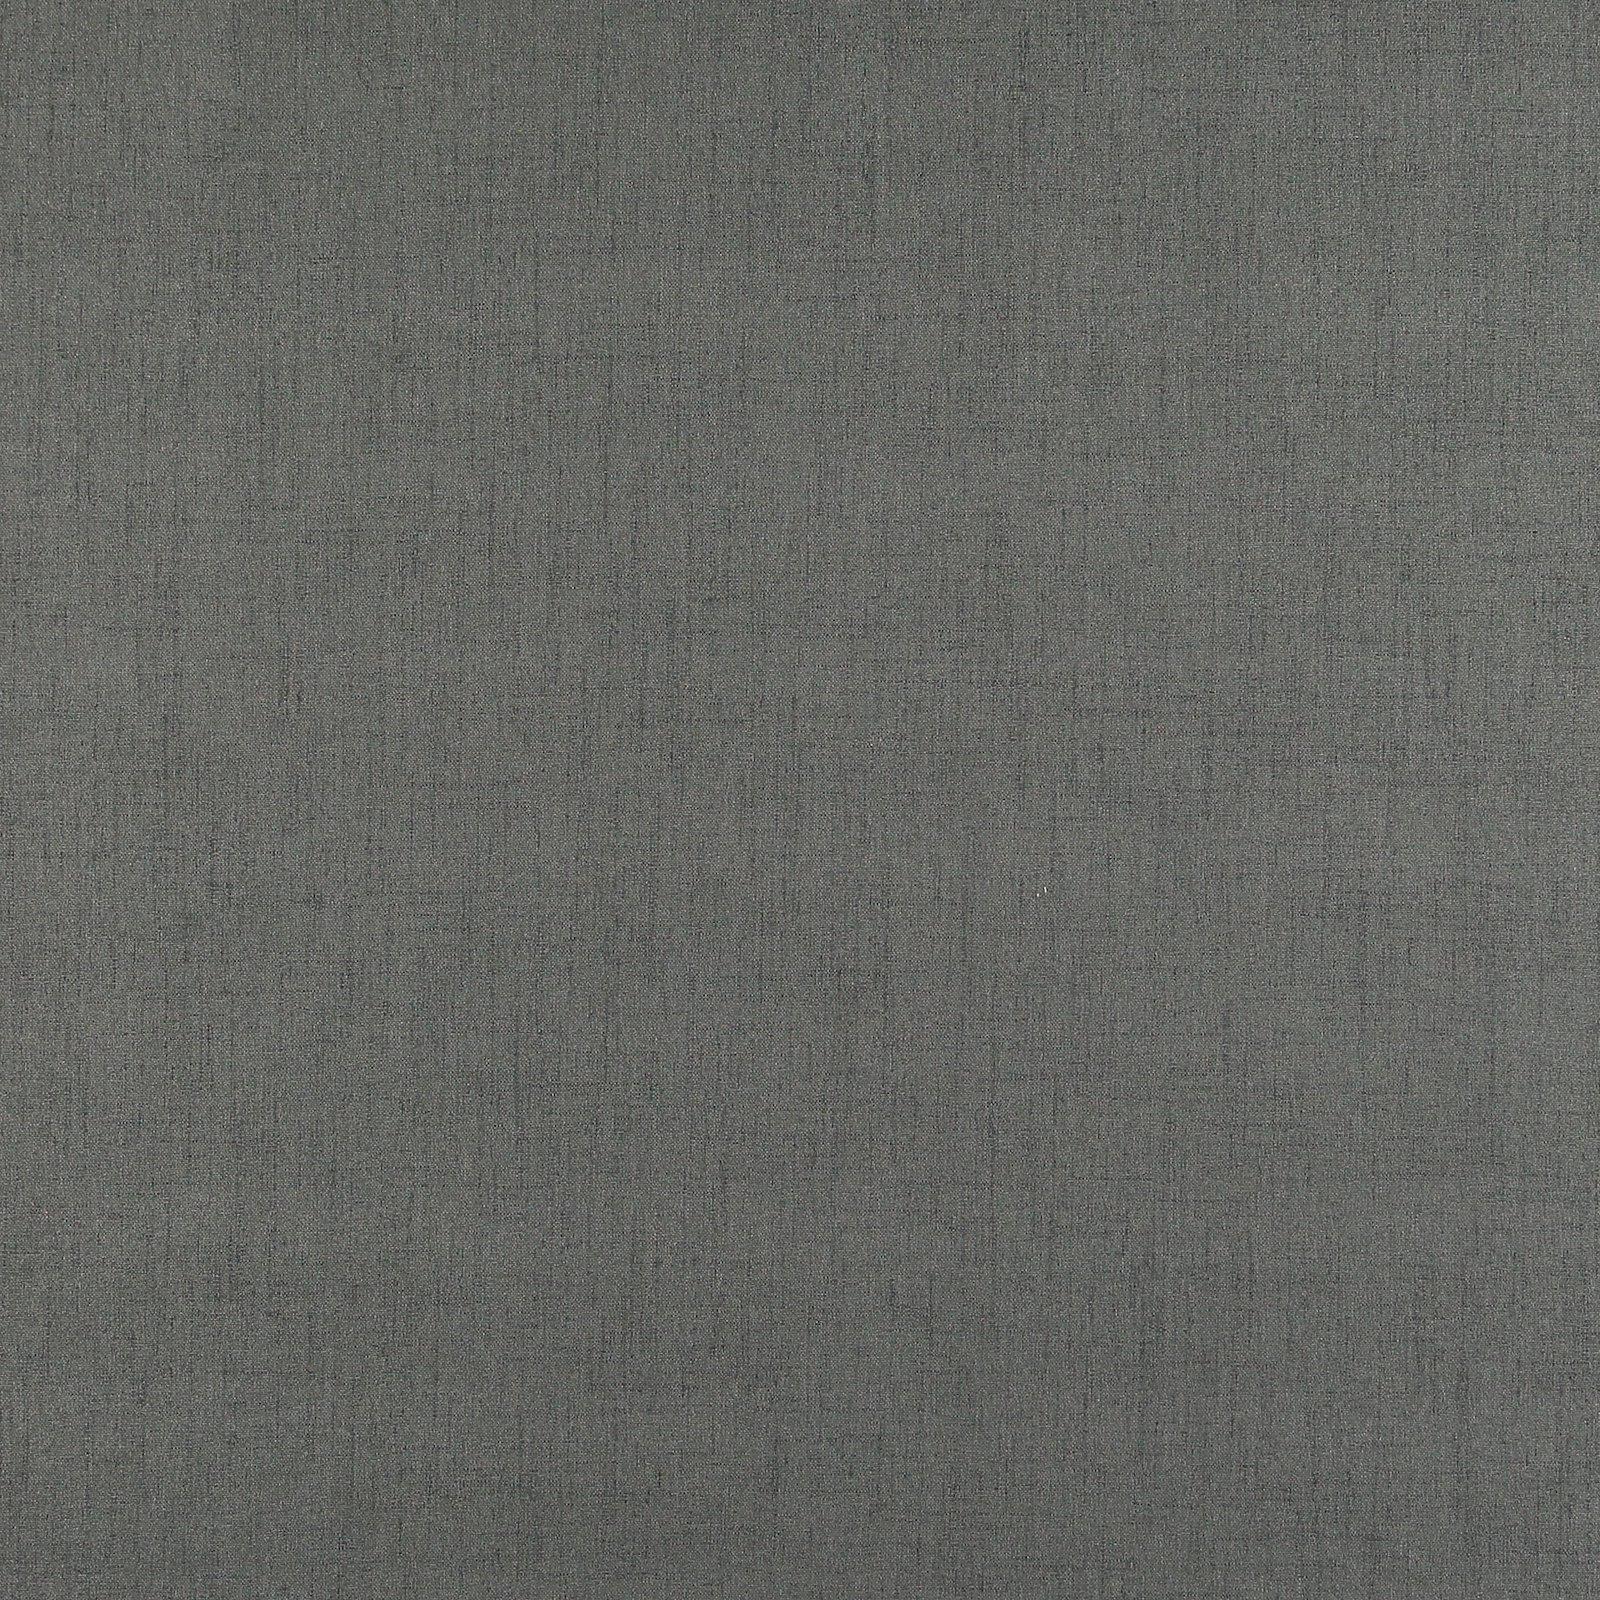 Möbelstruktur, Walnuss 824150_pack_sp